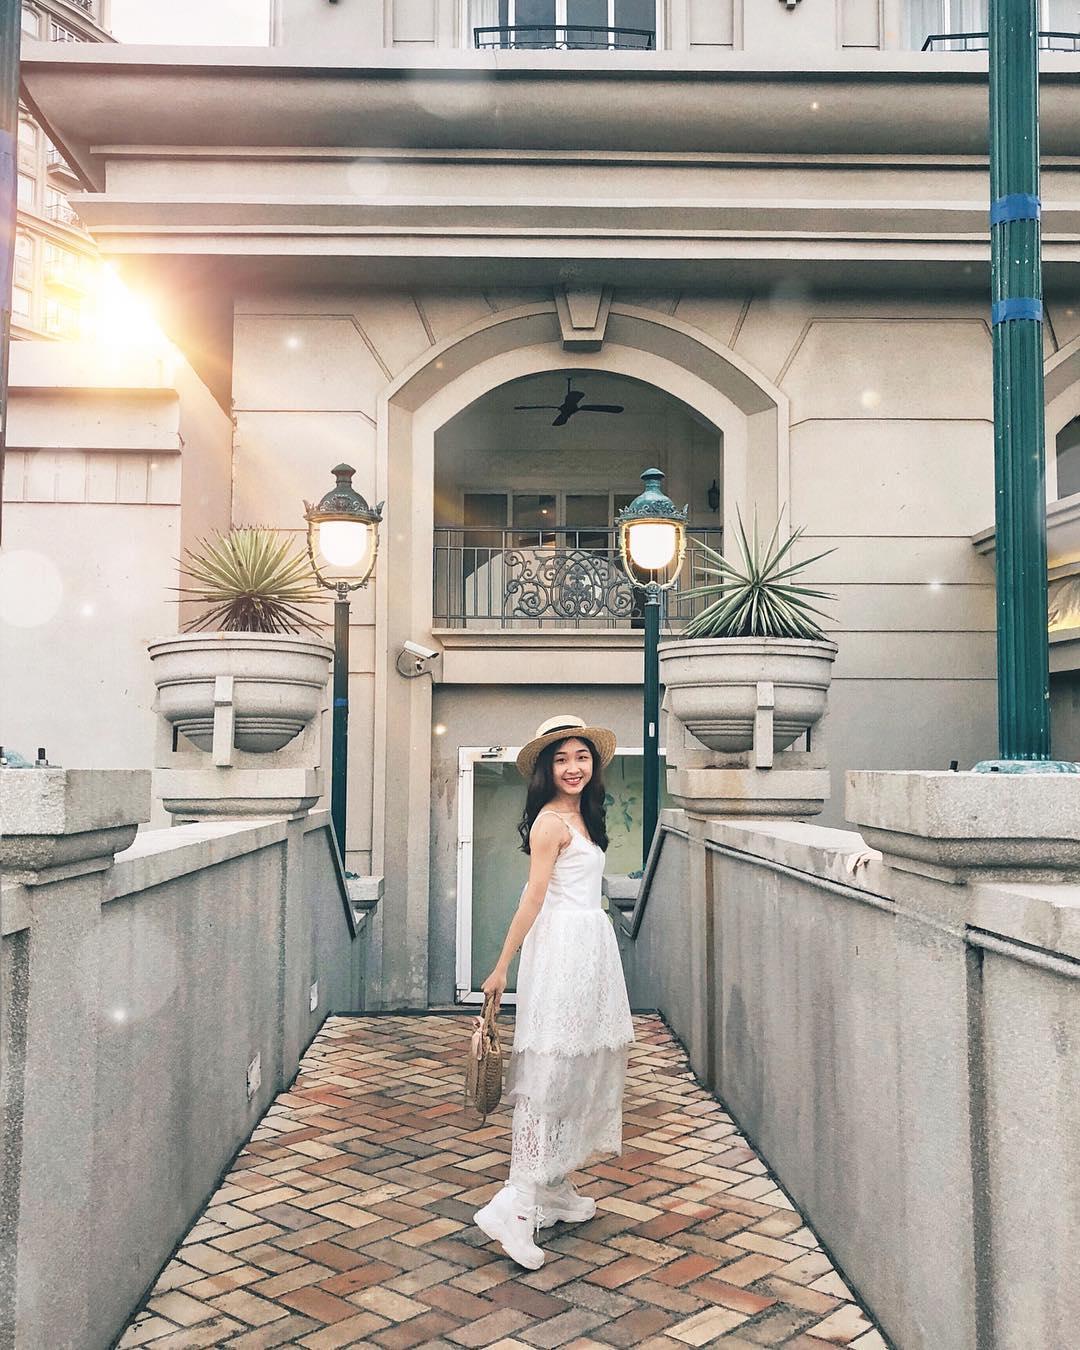 Kinh nghiệm đi Vũng Tàu - Khách sạn Imperial Vung Tau Hotel